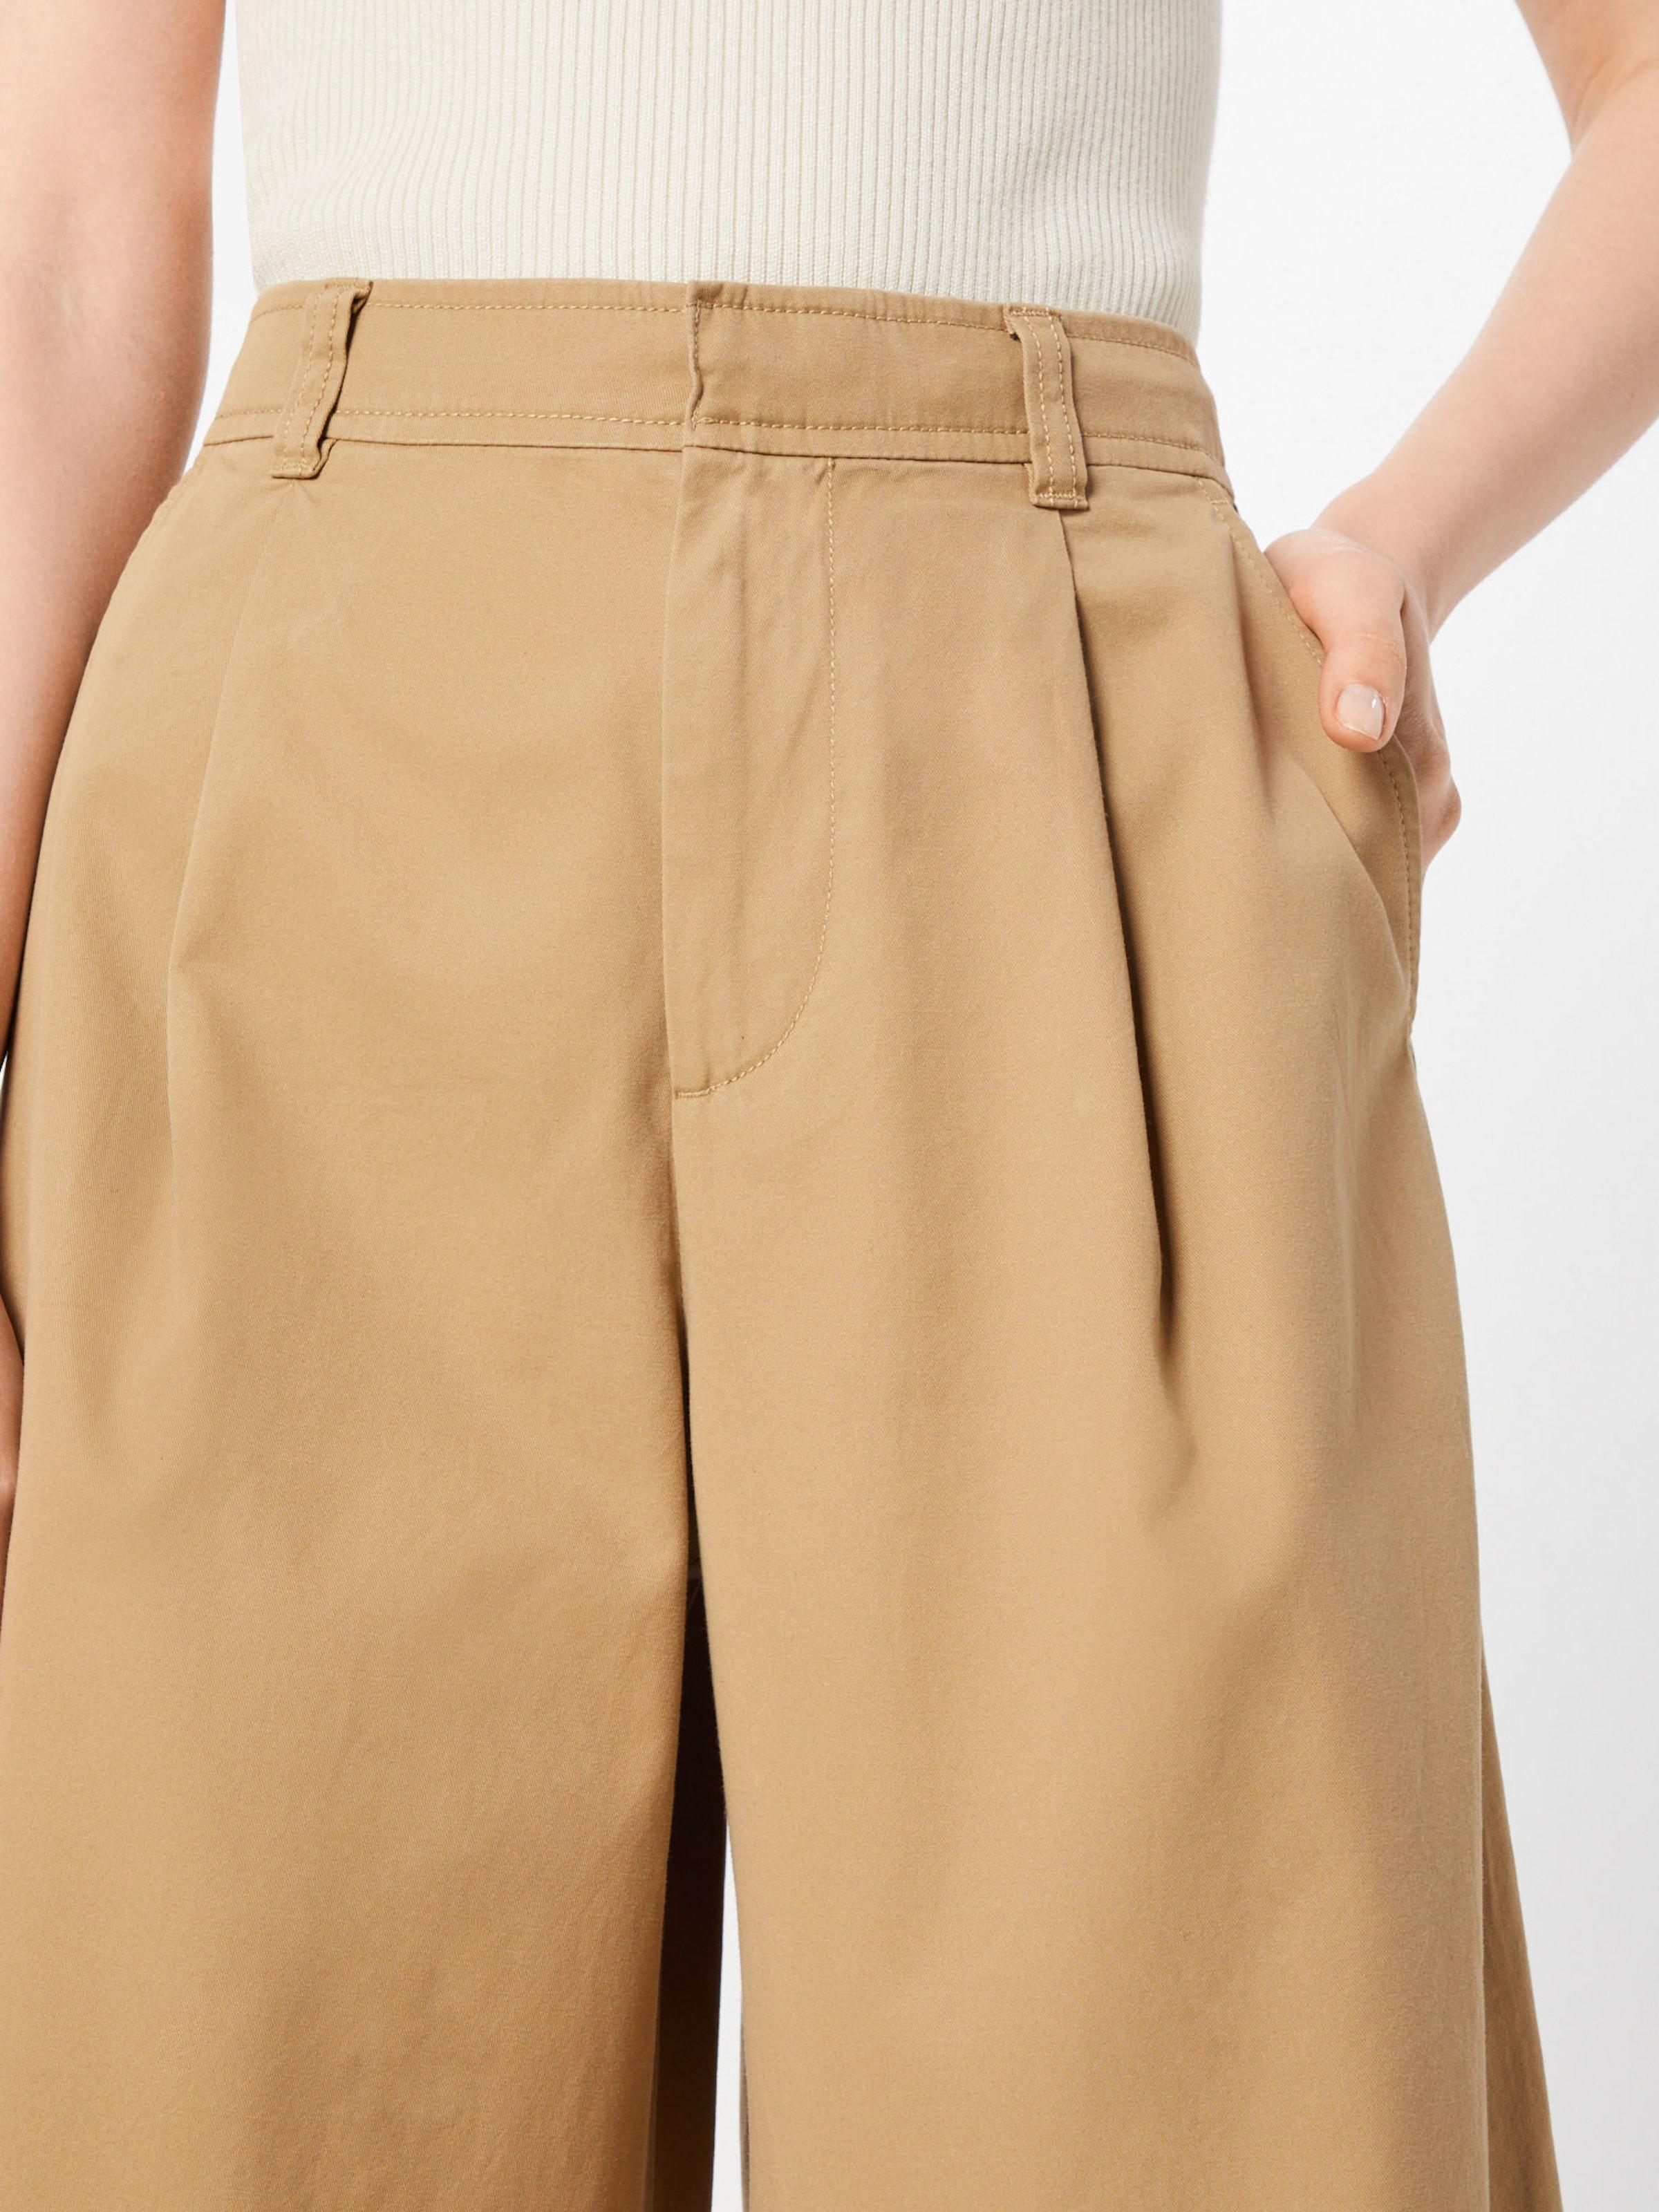 Jpn' En rise Beige Leg Jean 'hi Wide Gap Pleated Nm8Oyv0wn